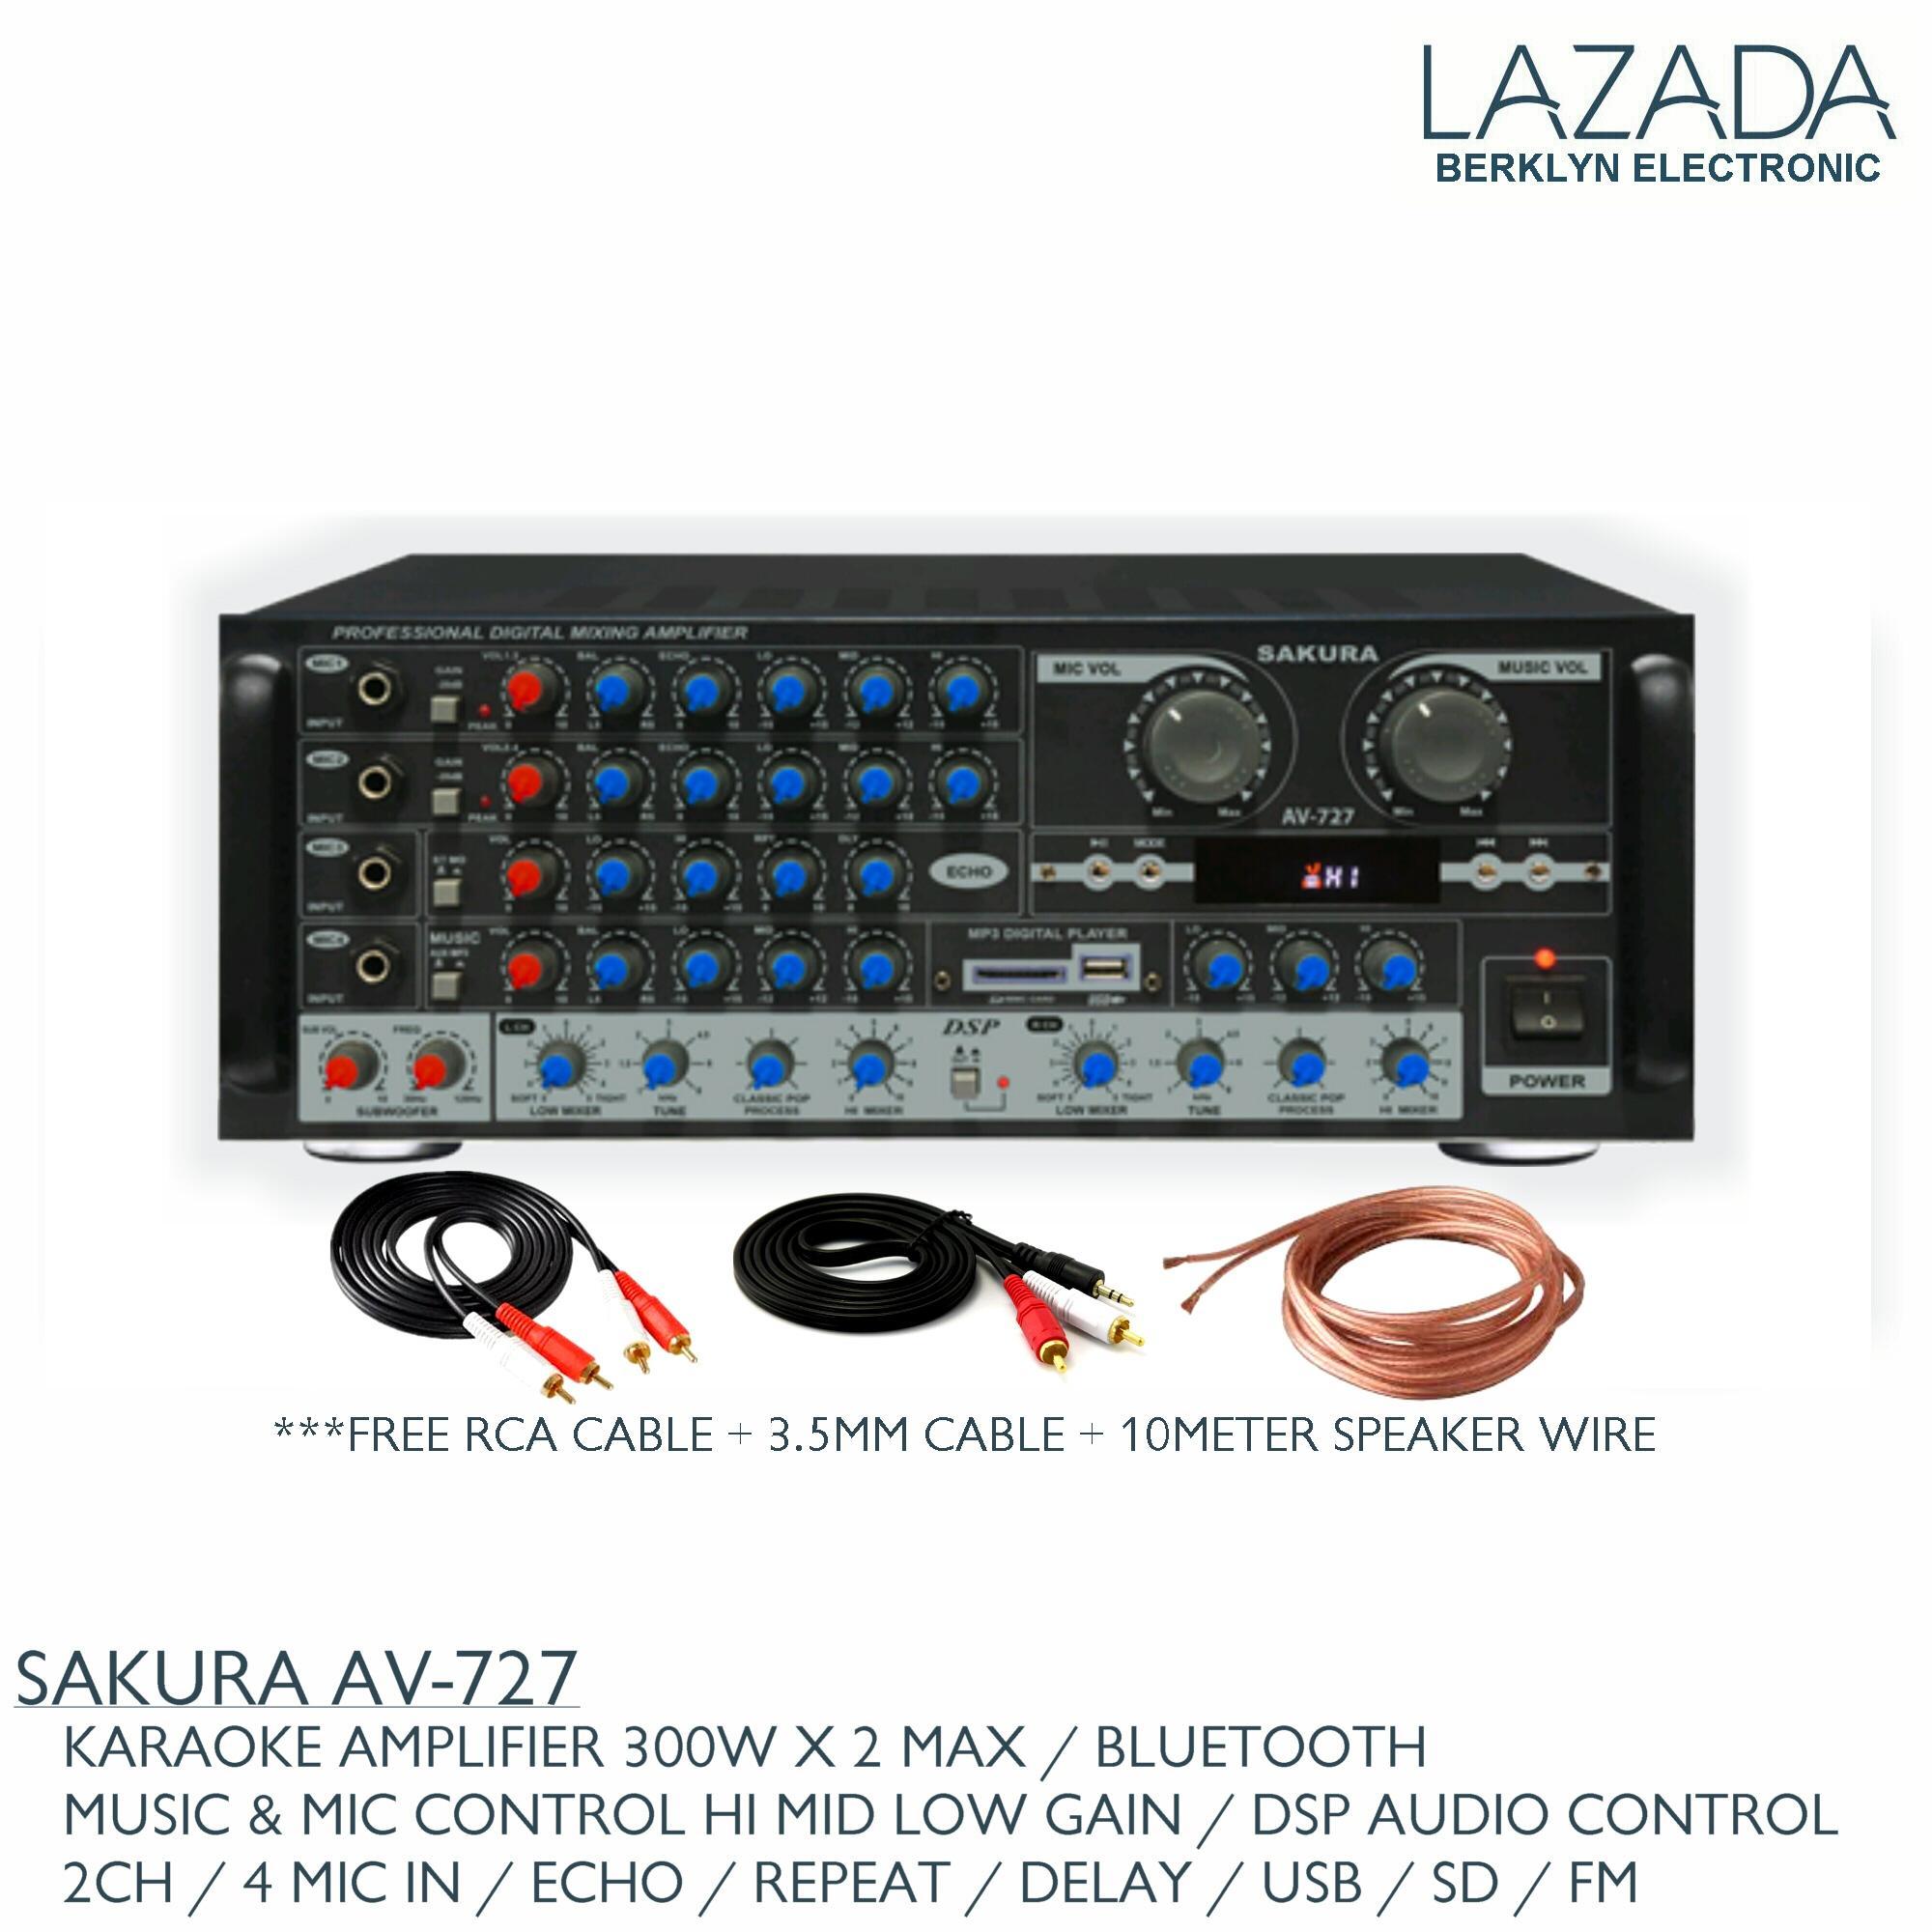 audio innovations   eBay